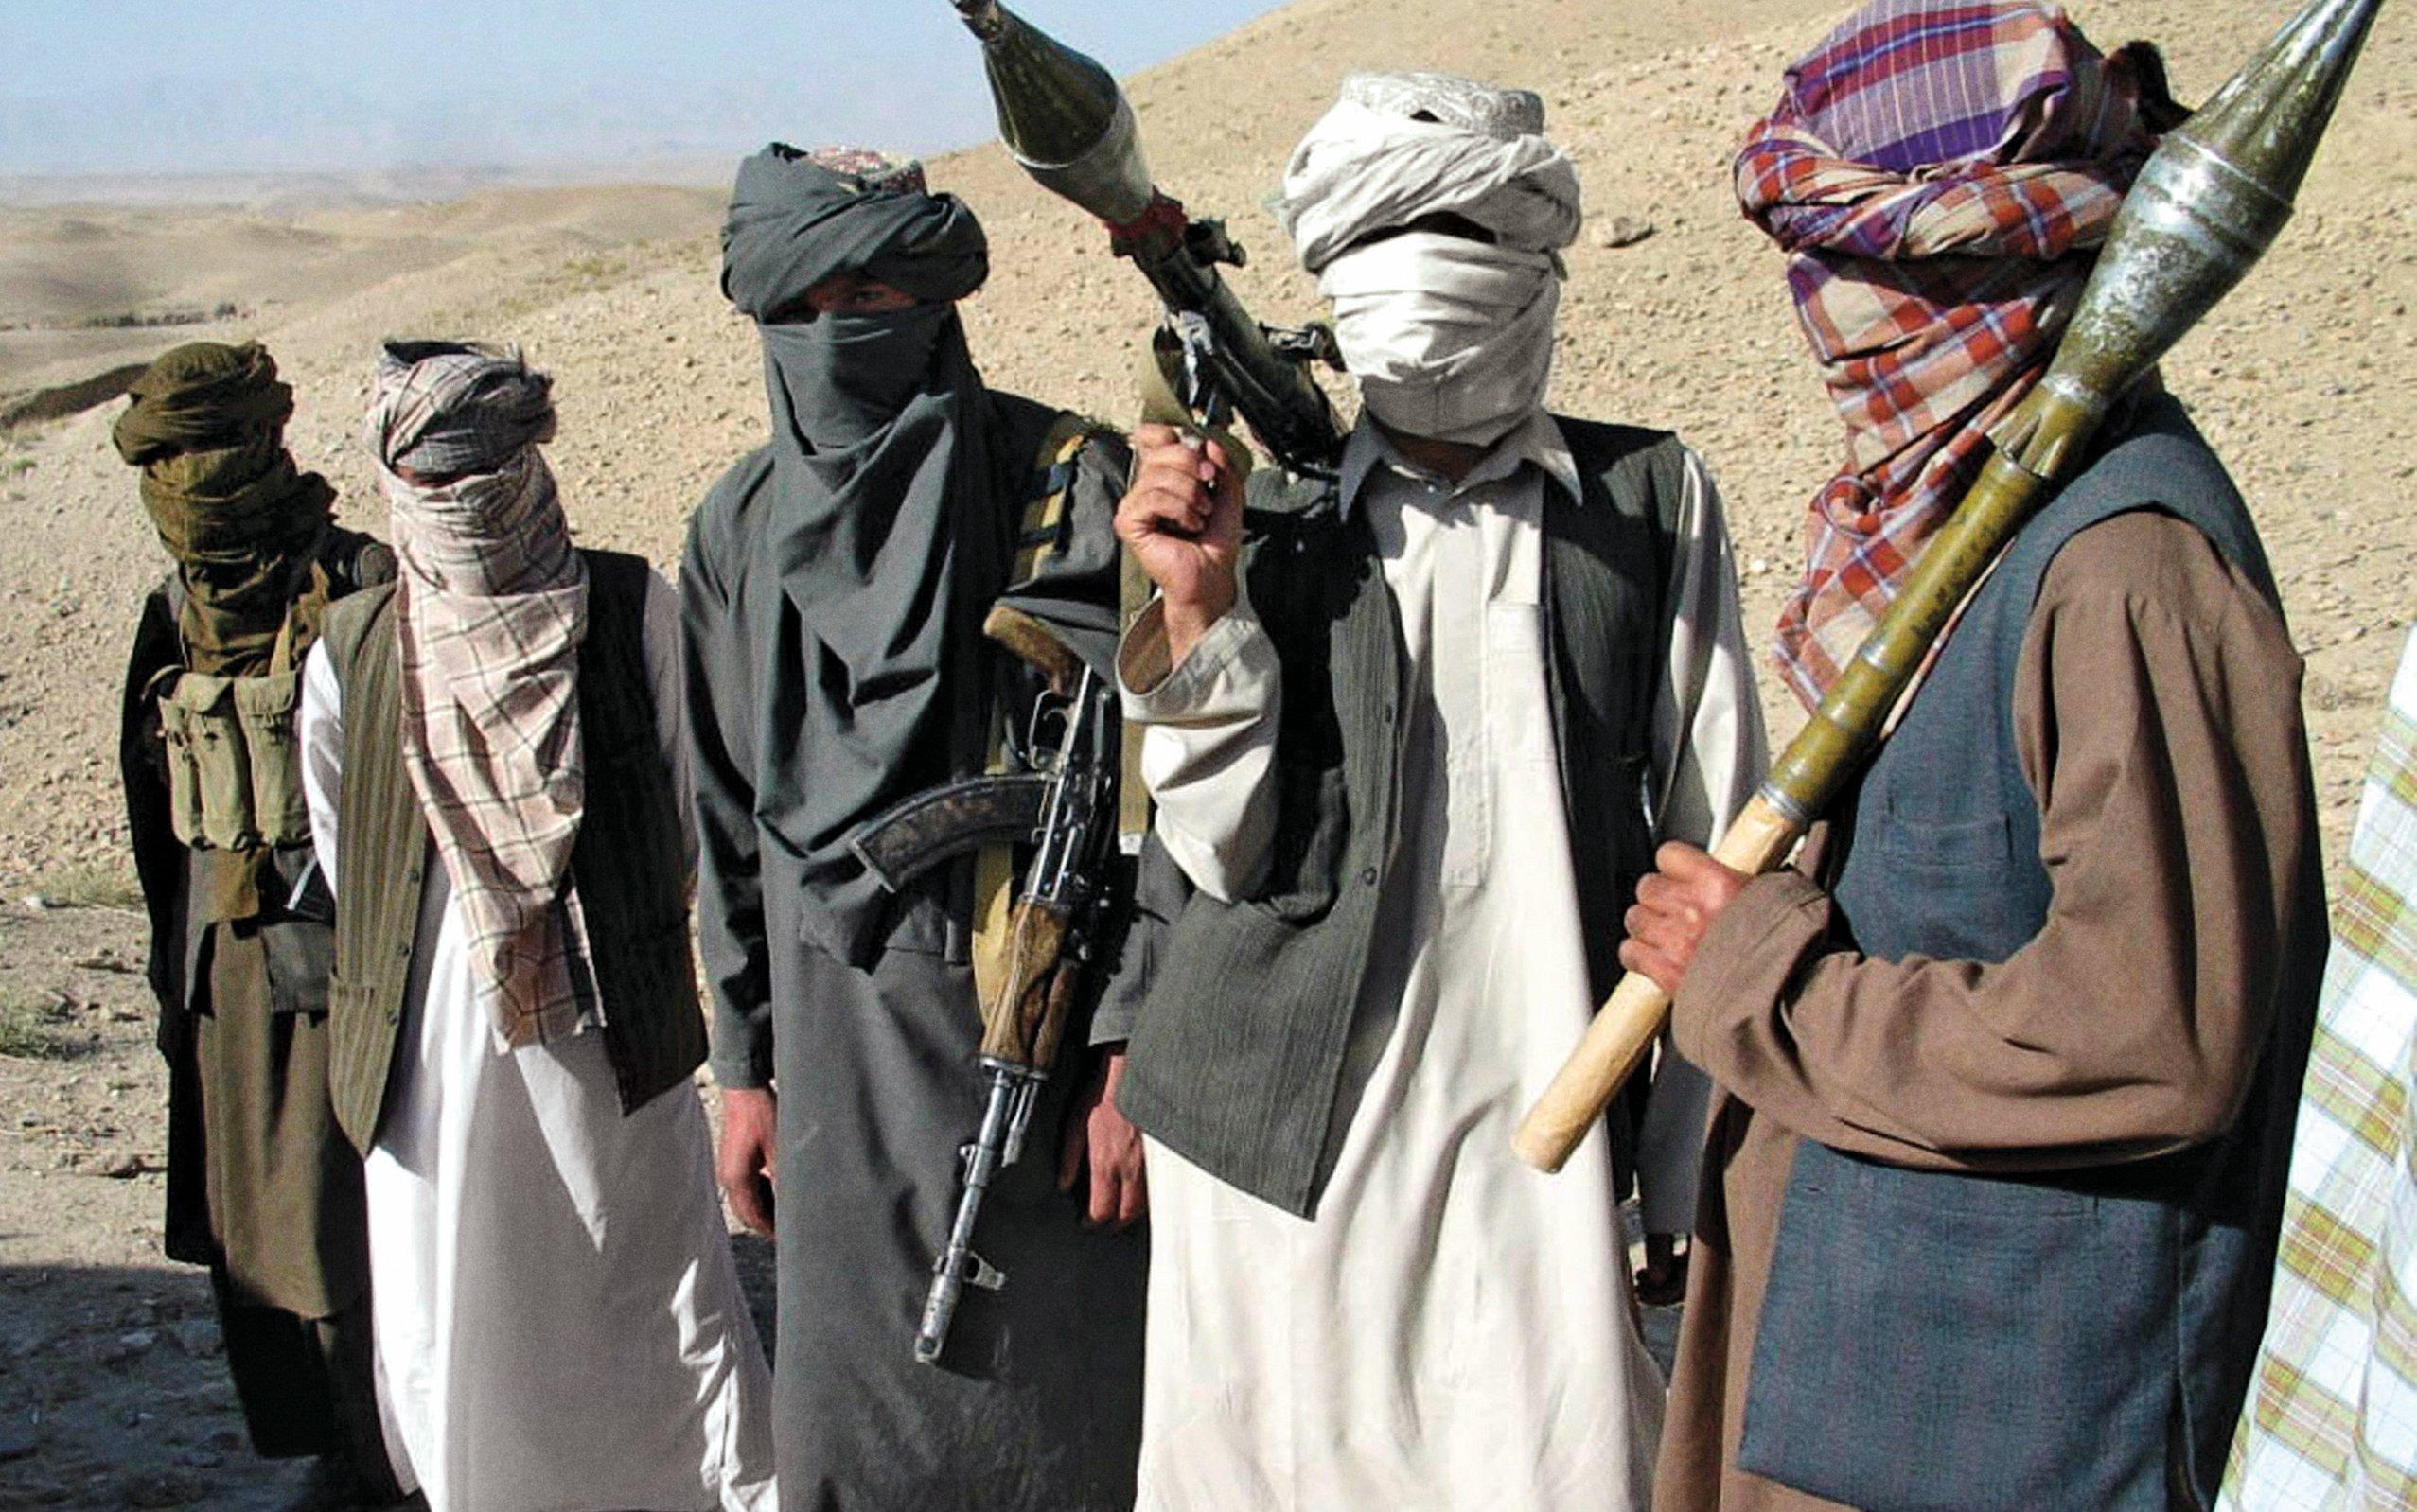 Taliban'dan 'İran ile işbirliği' iddiasına yalanlama